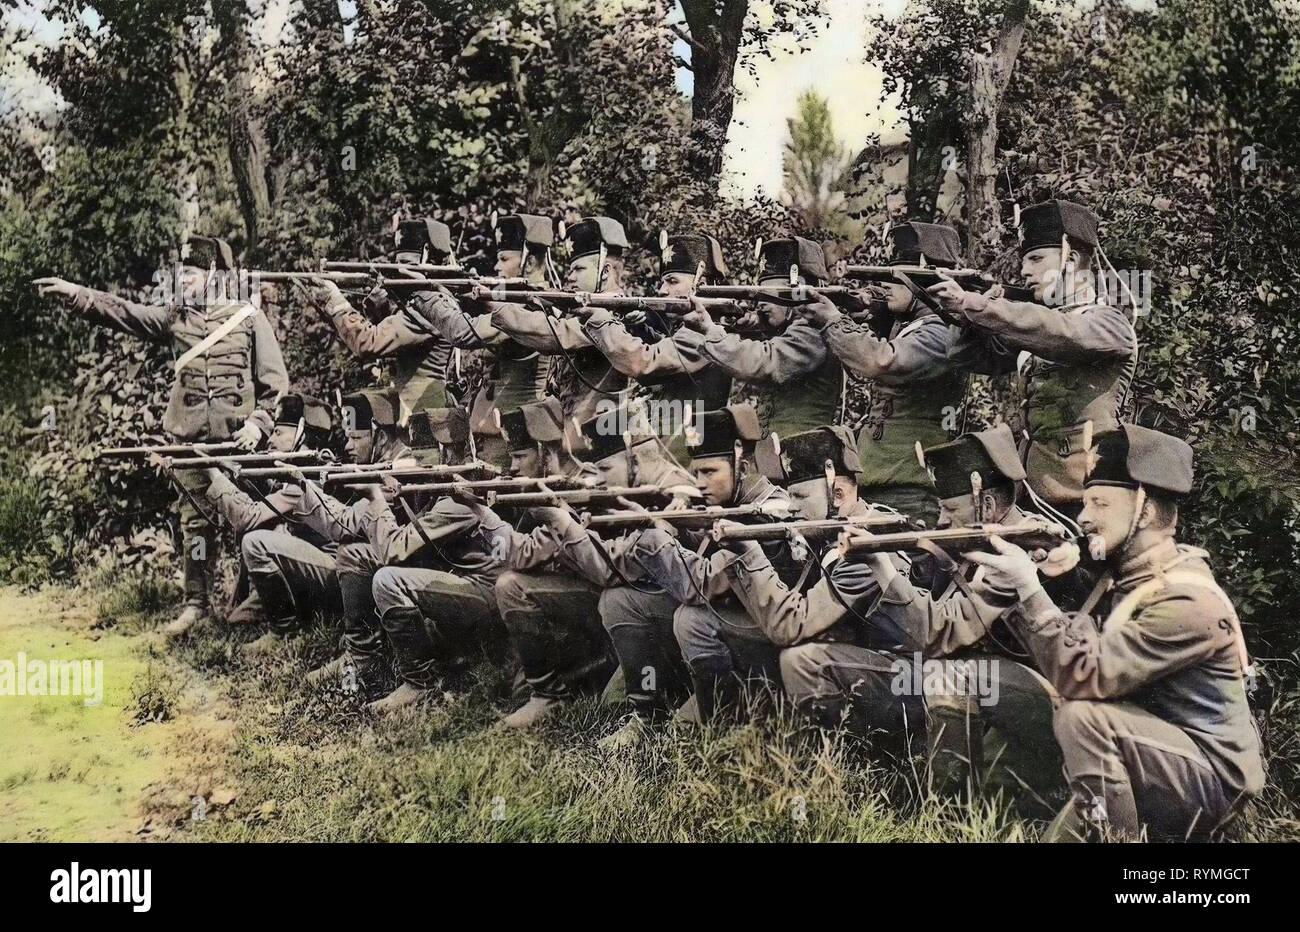 1. Königlich Sächsisches Husaren-Regiment König Albert Nr. 18, Hussars of Germany, Use of weapons, 1907, Landkreis Meißen, Großenhain, 1. Königlich Sächsisches Husaren, Regiment König Albert Nr. 18 Gefecht zu Fuß - Stock Image